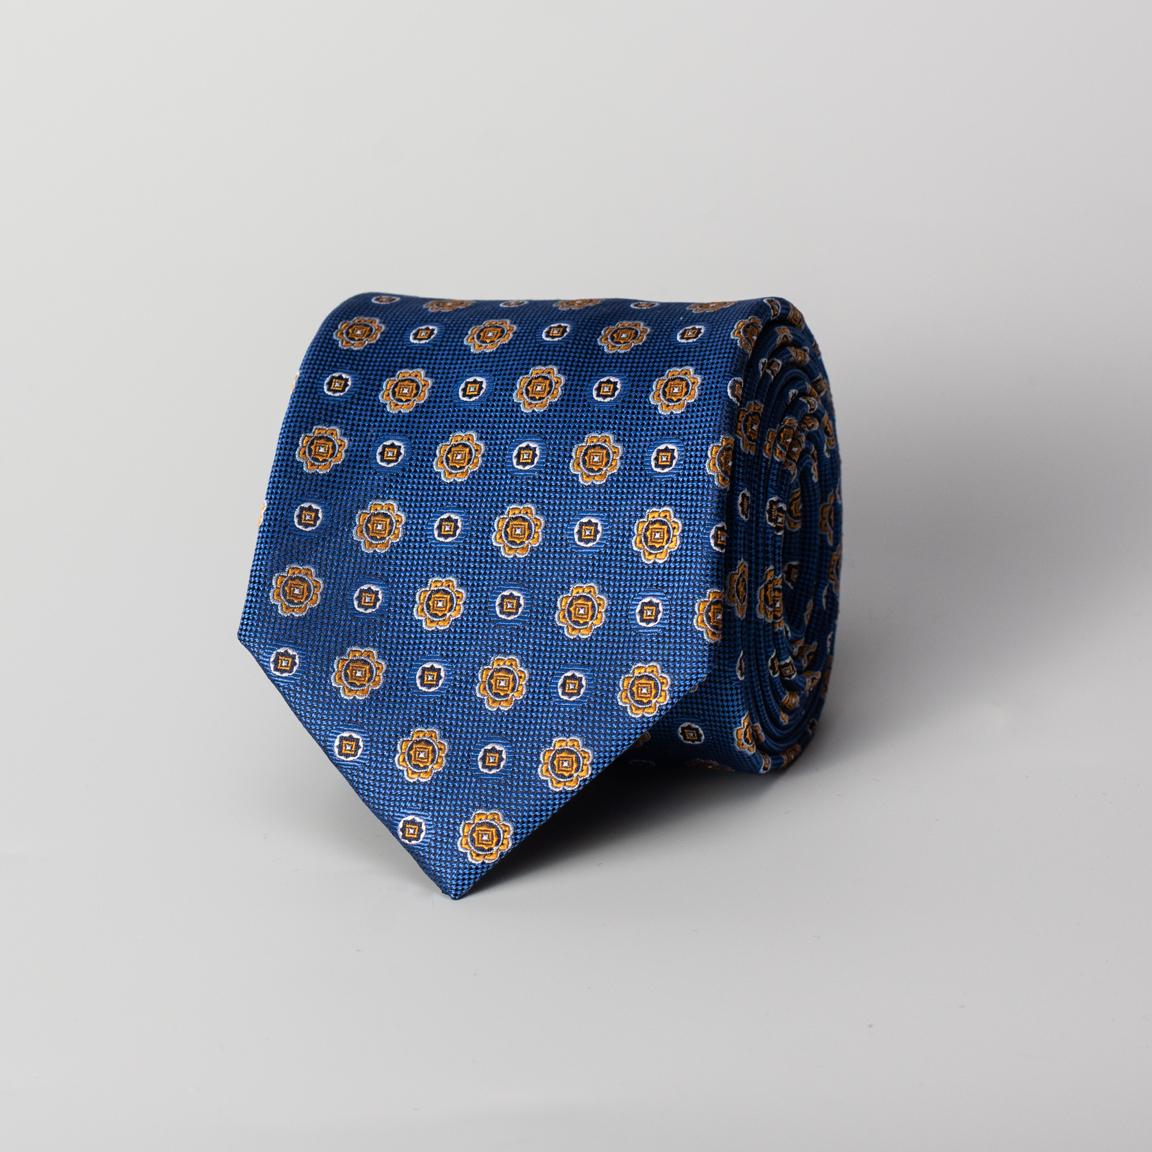 Blå sidenslips med blommigt mönster